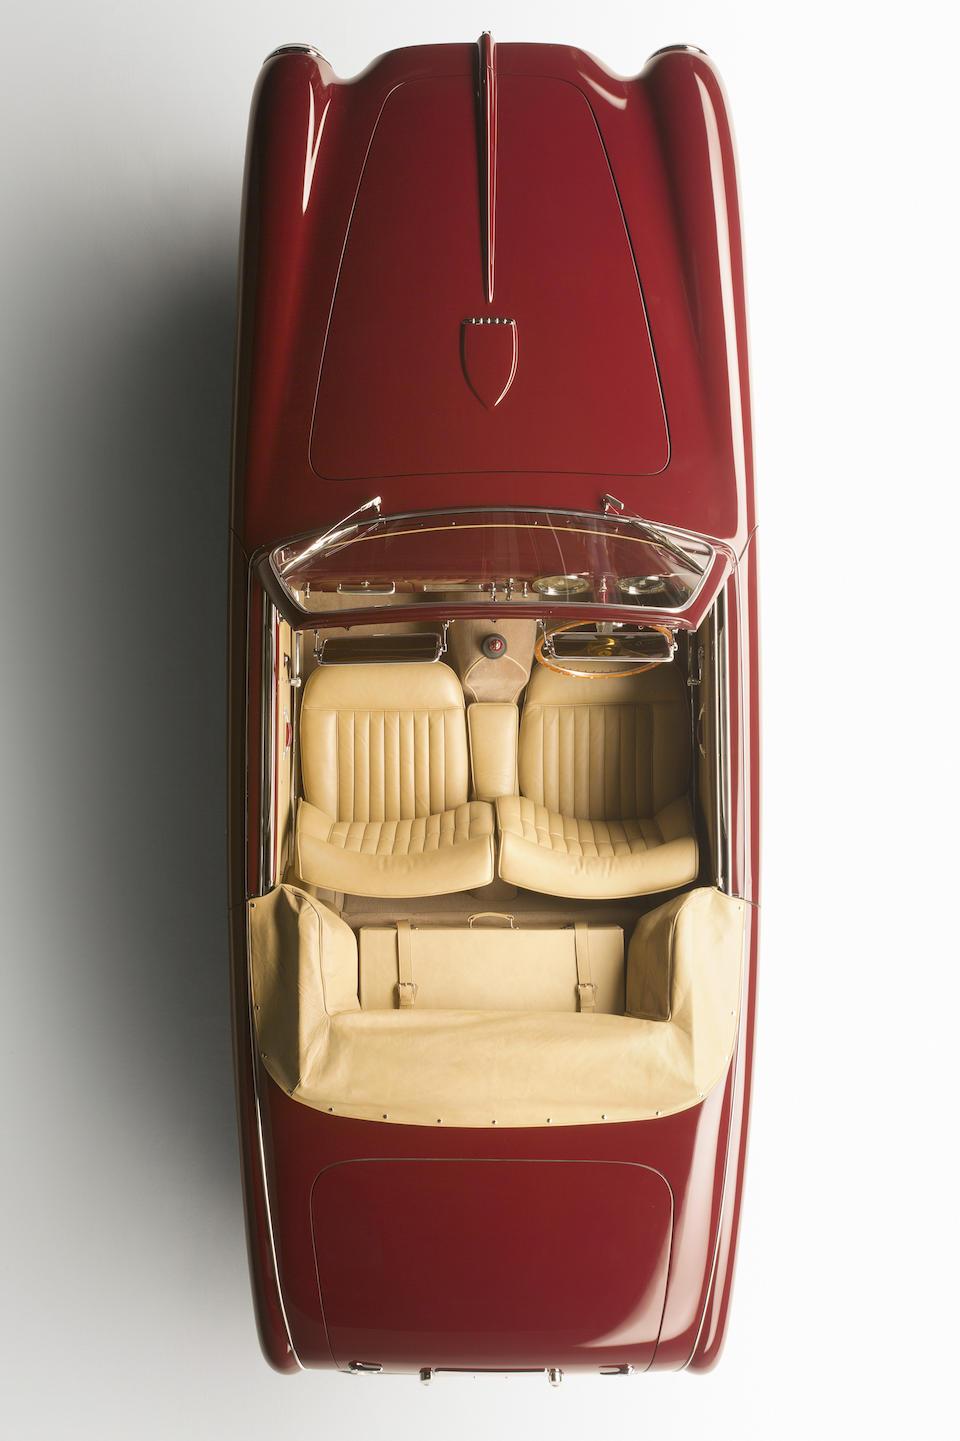 Rare 1951 Ferrari 212 Inter Cabriolet for sale with Bonhams